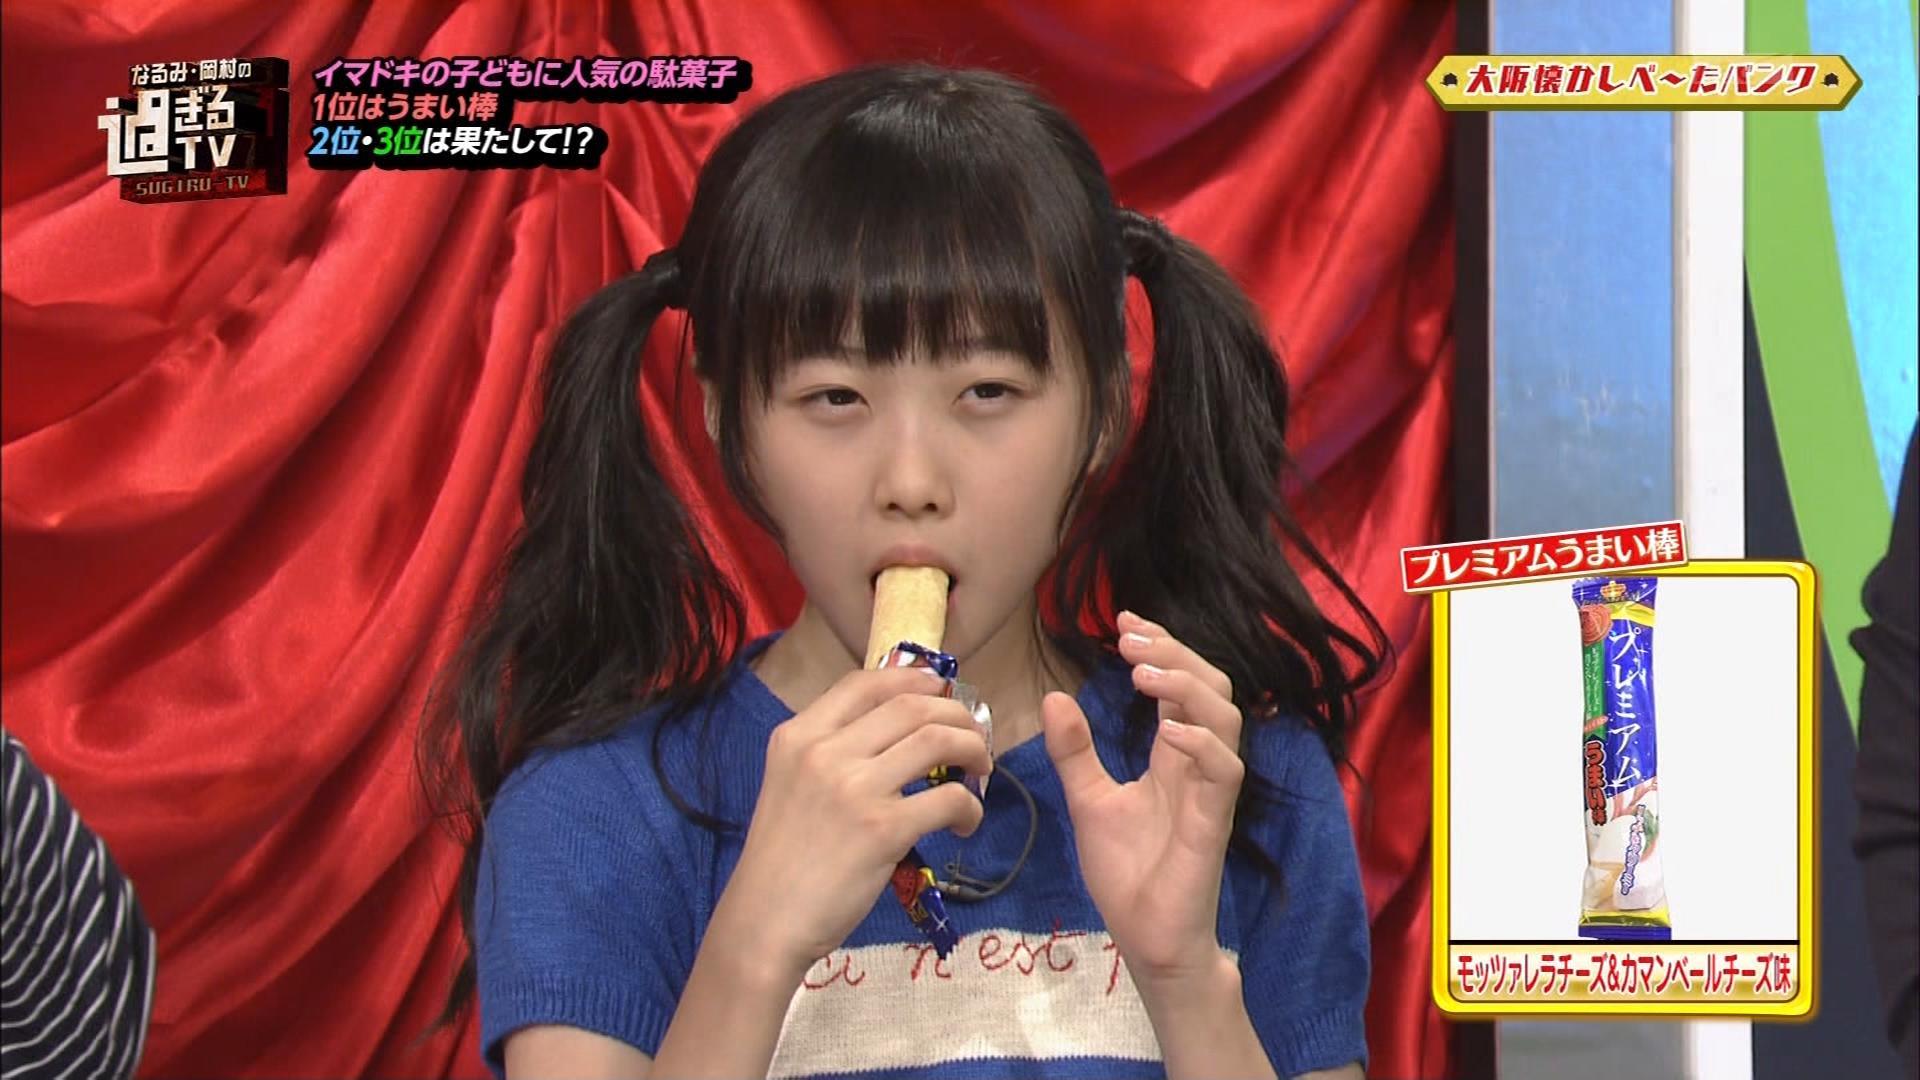 「なるみ・岡村の過ぎるTV」でうまい棒を食べる本田望結のメス顔